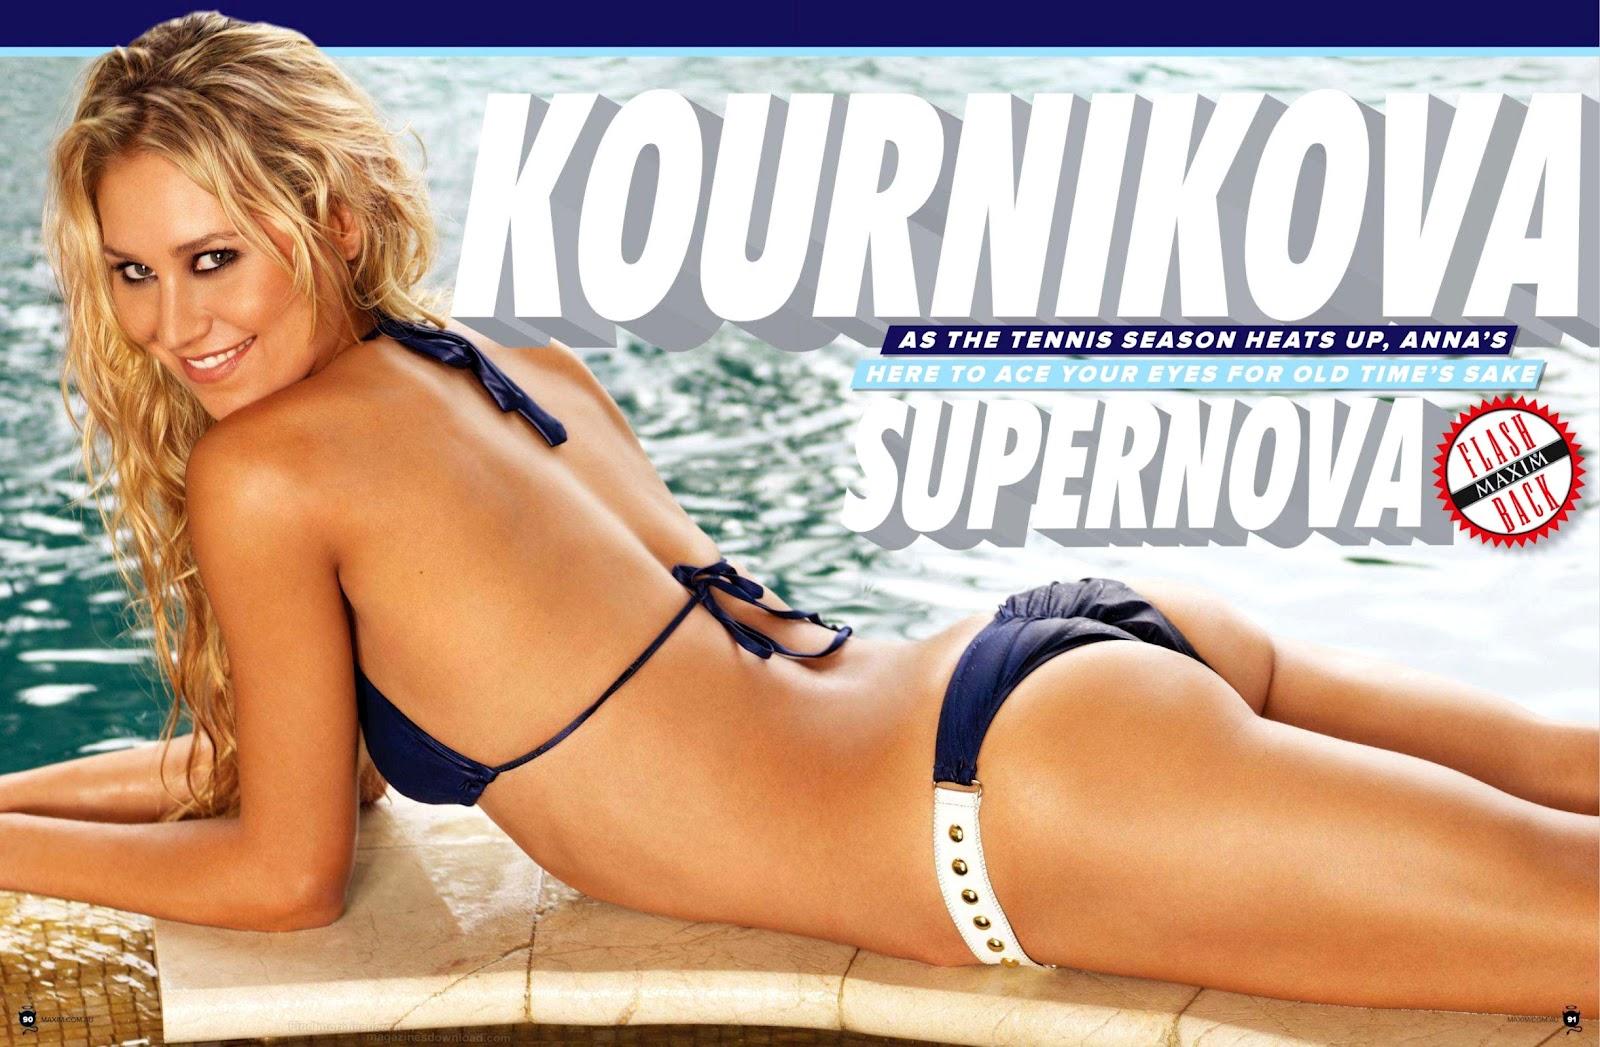 http://2.bp.blogspot.com/-1SaQ9pzVrmQ/UDyMwJpPKmI/AAAAAAAAKRk/LpLUTM1mG94/s1600/Anna+Kournikova+%E2%80%93+Maxim+Australia+Magazine+(September+2012)+HQ+(1).jpg